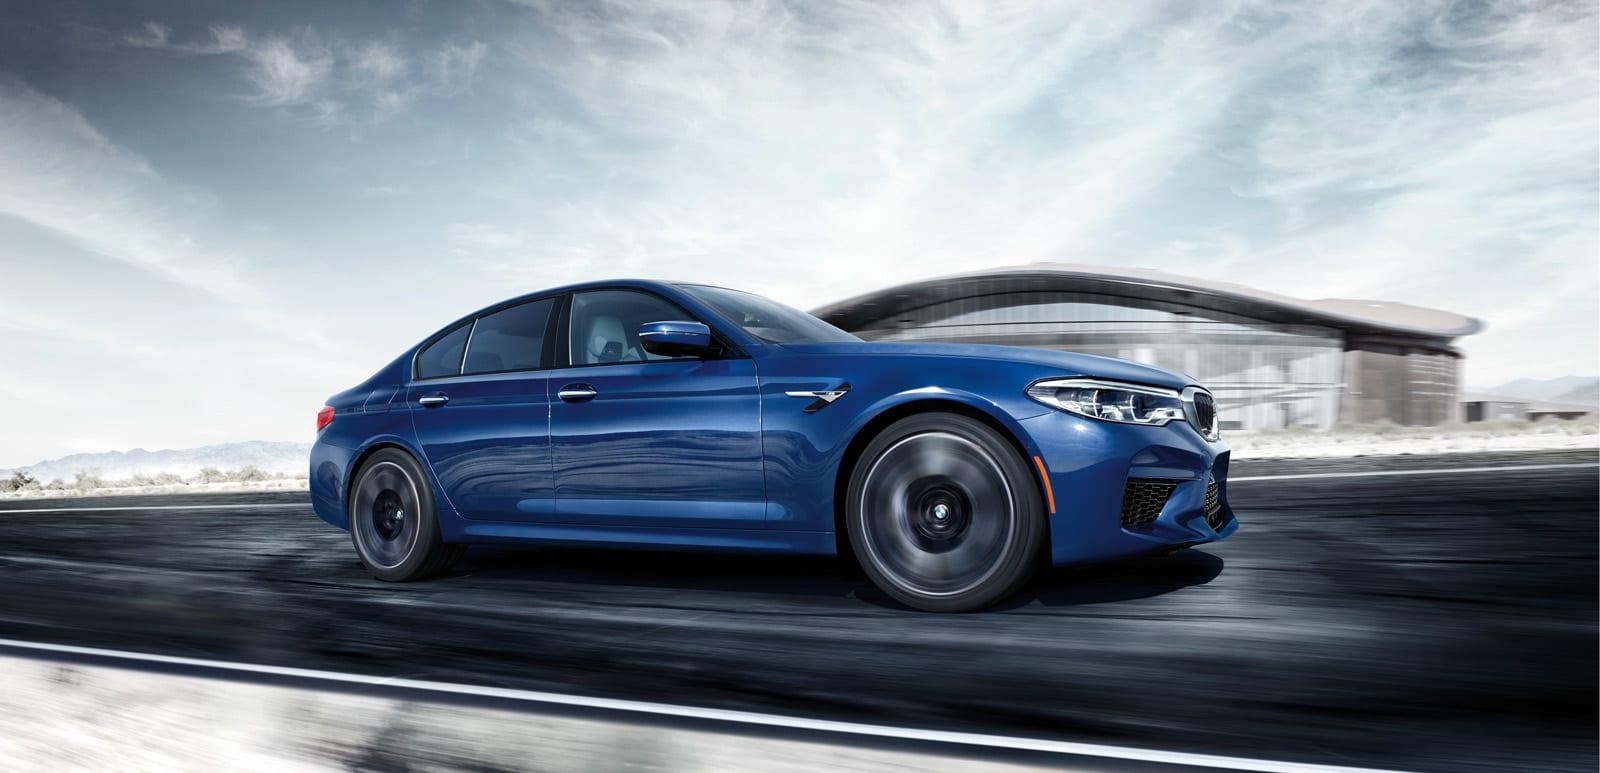 2018 BMW M5 Exterior